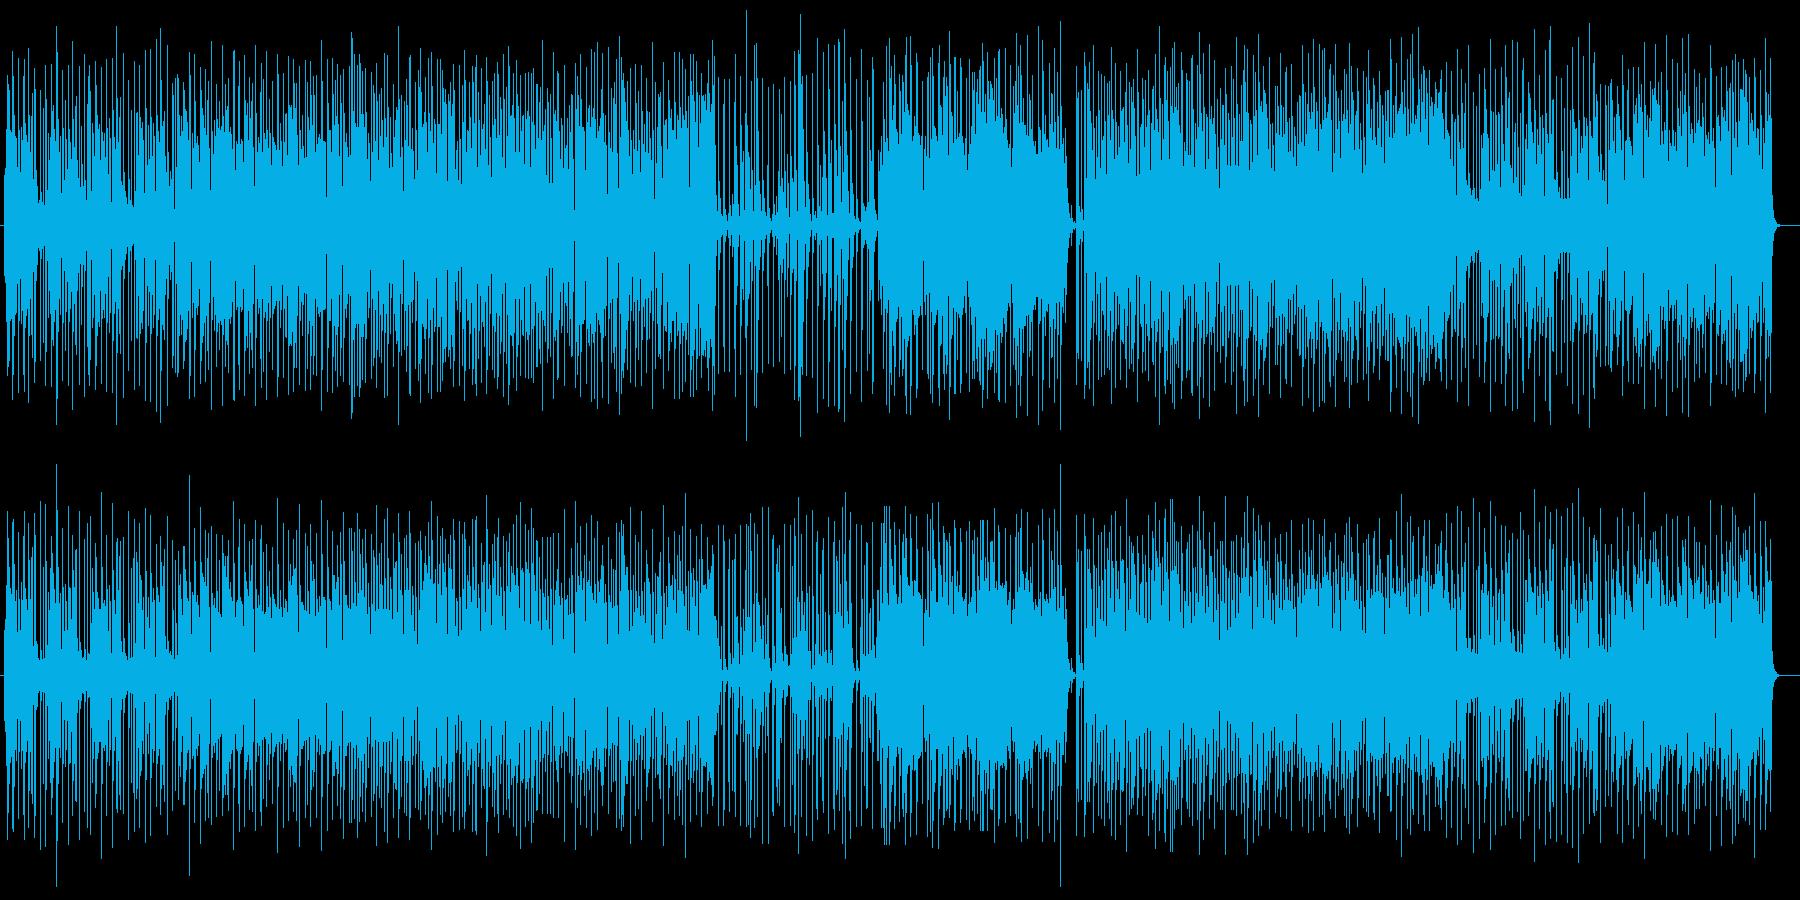 ムーディーでリズミカルなアコギサウンドの再生済みの波形